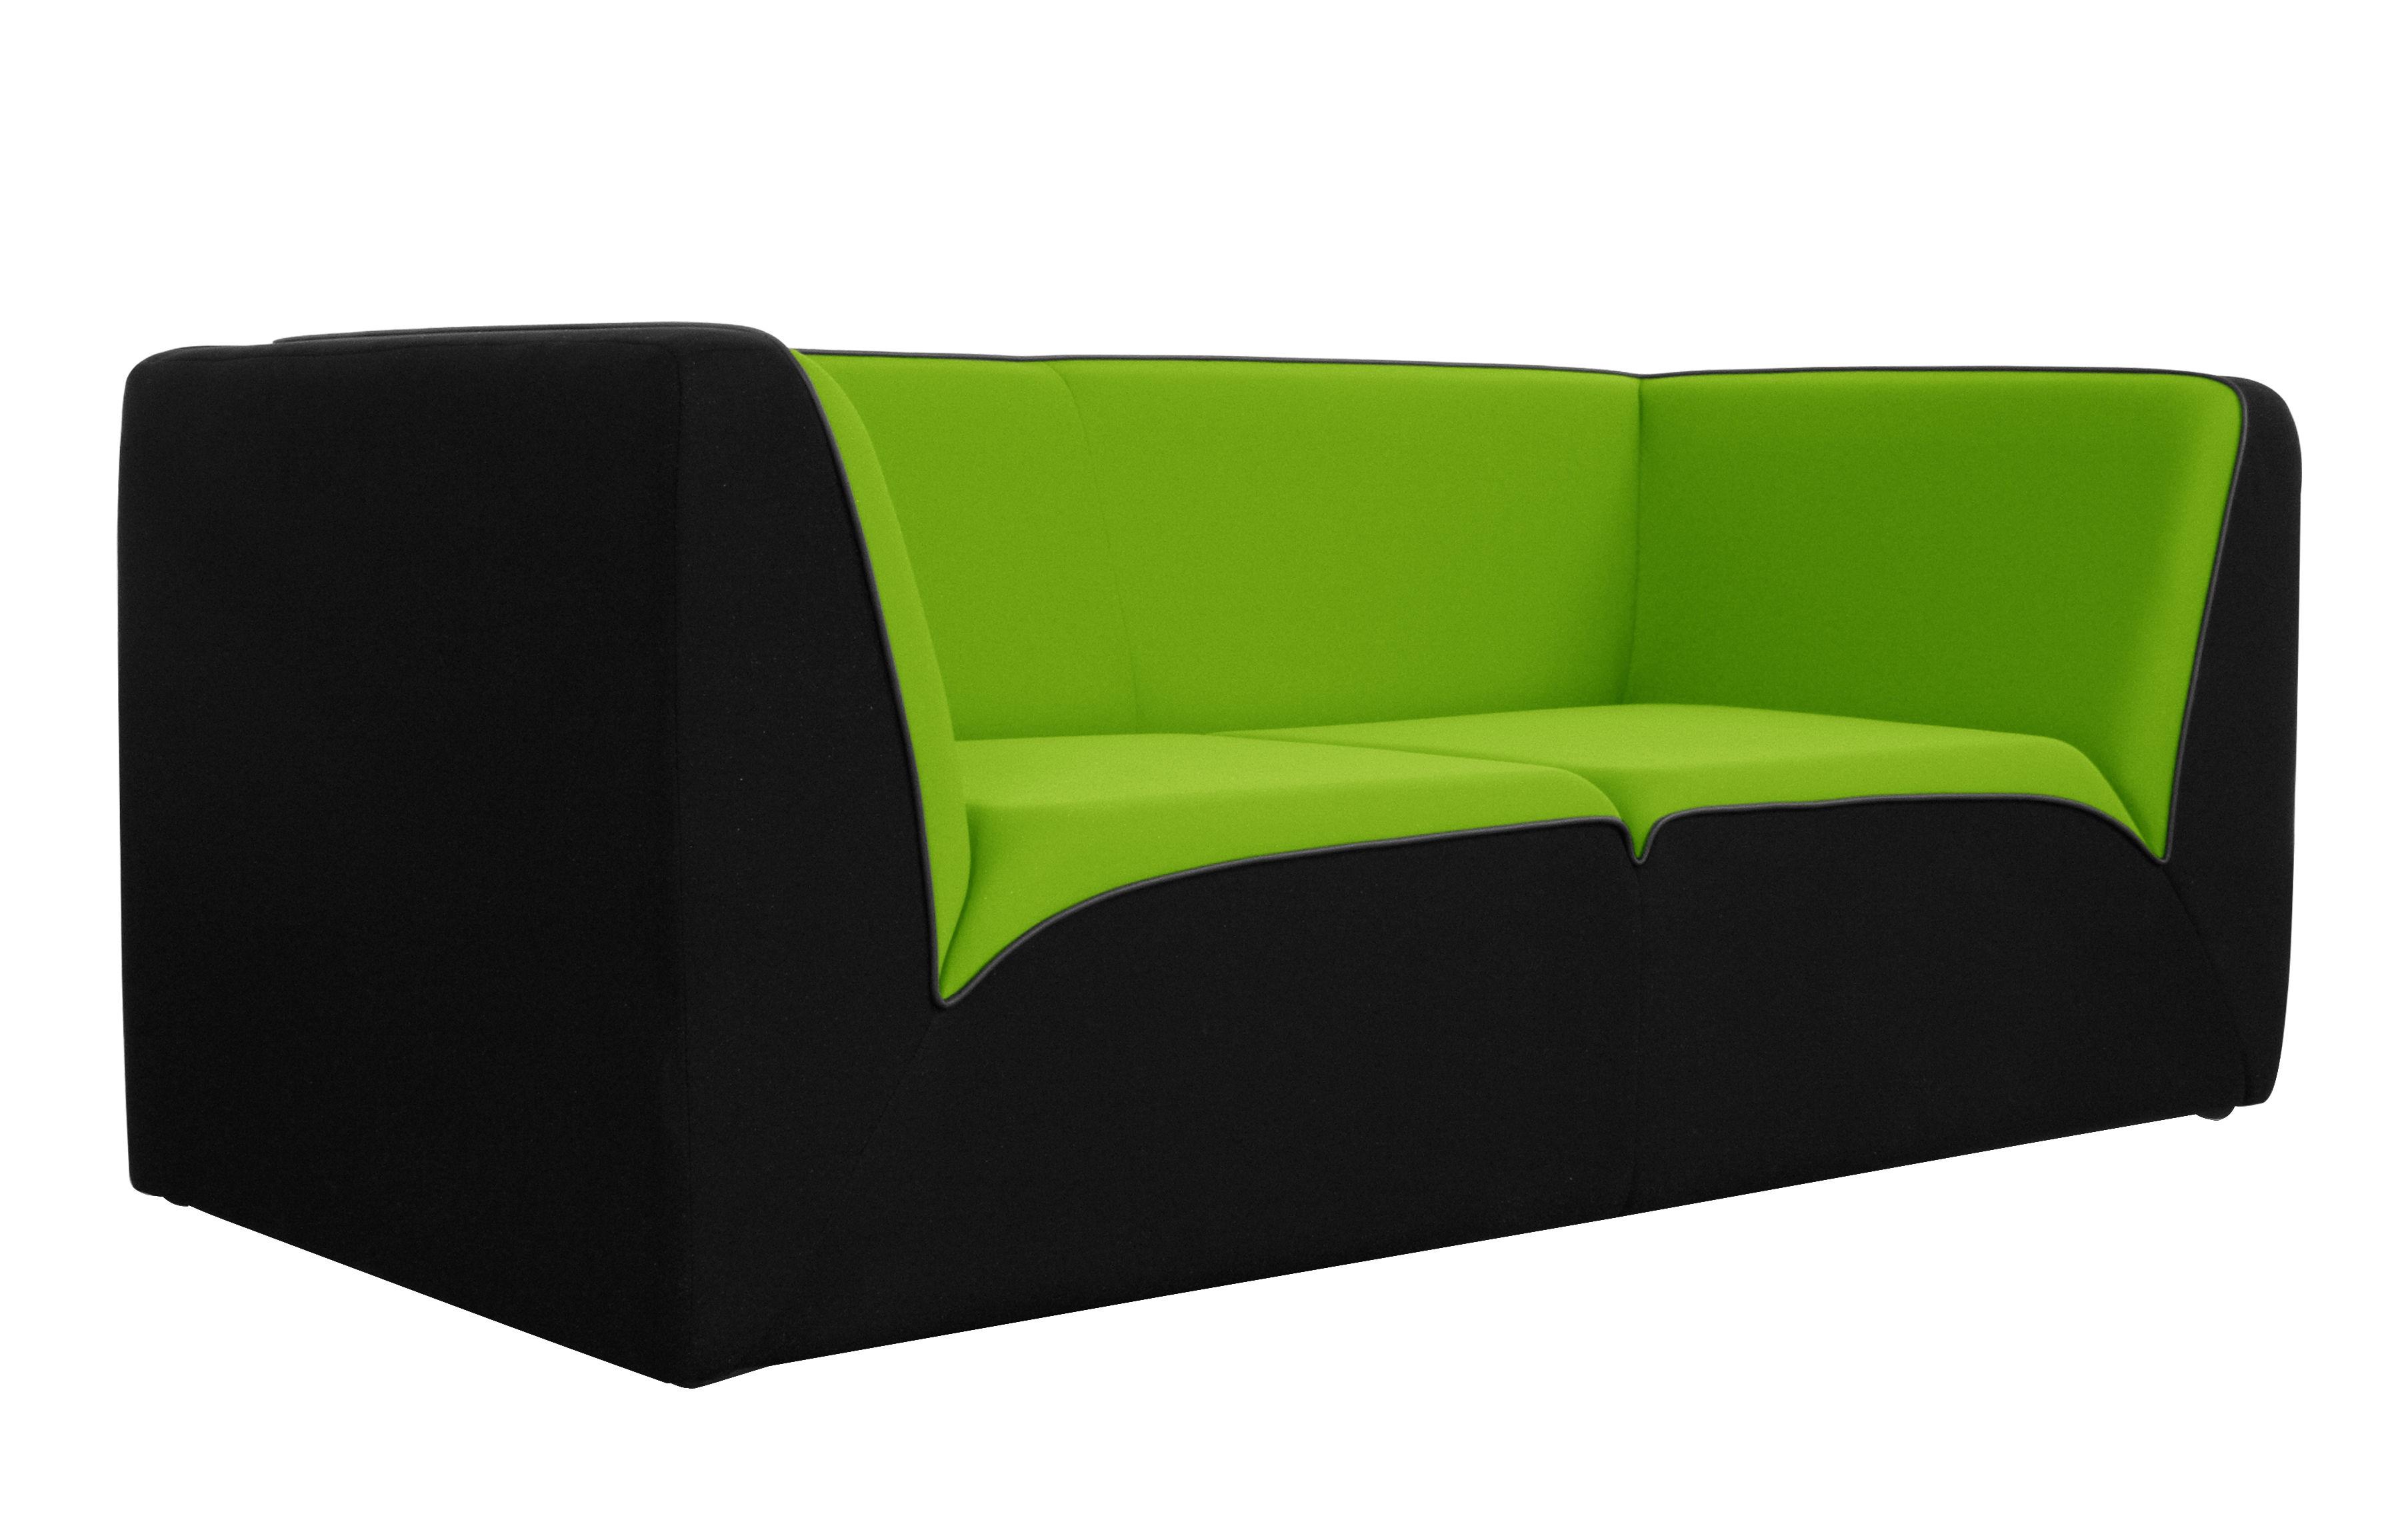 Canap droit e motion by ora ito 3 places l 189 cm noir vert anis passepoil noir mat - Canape vert anis ...